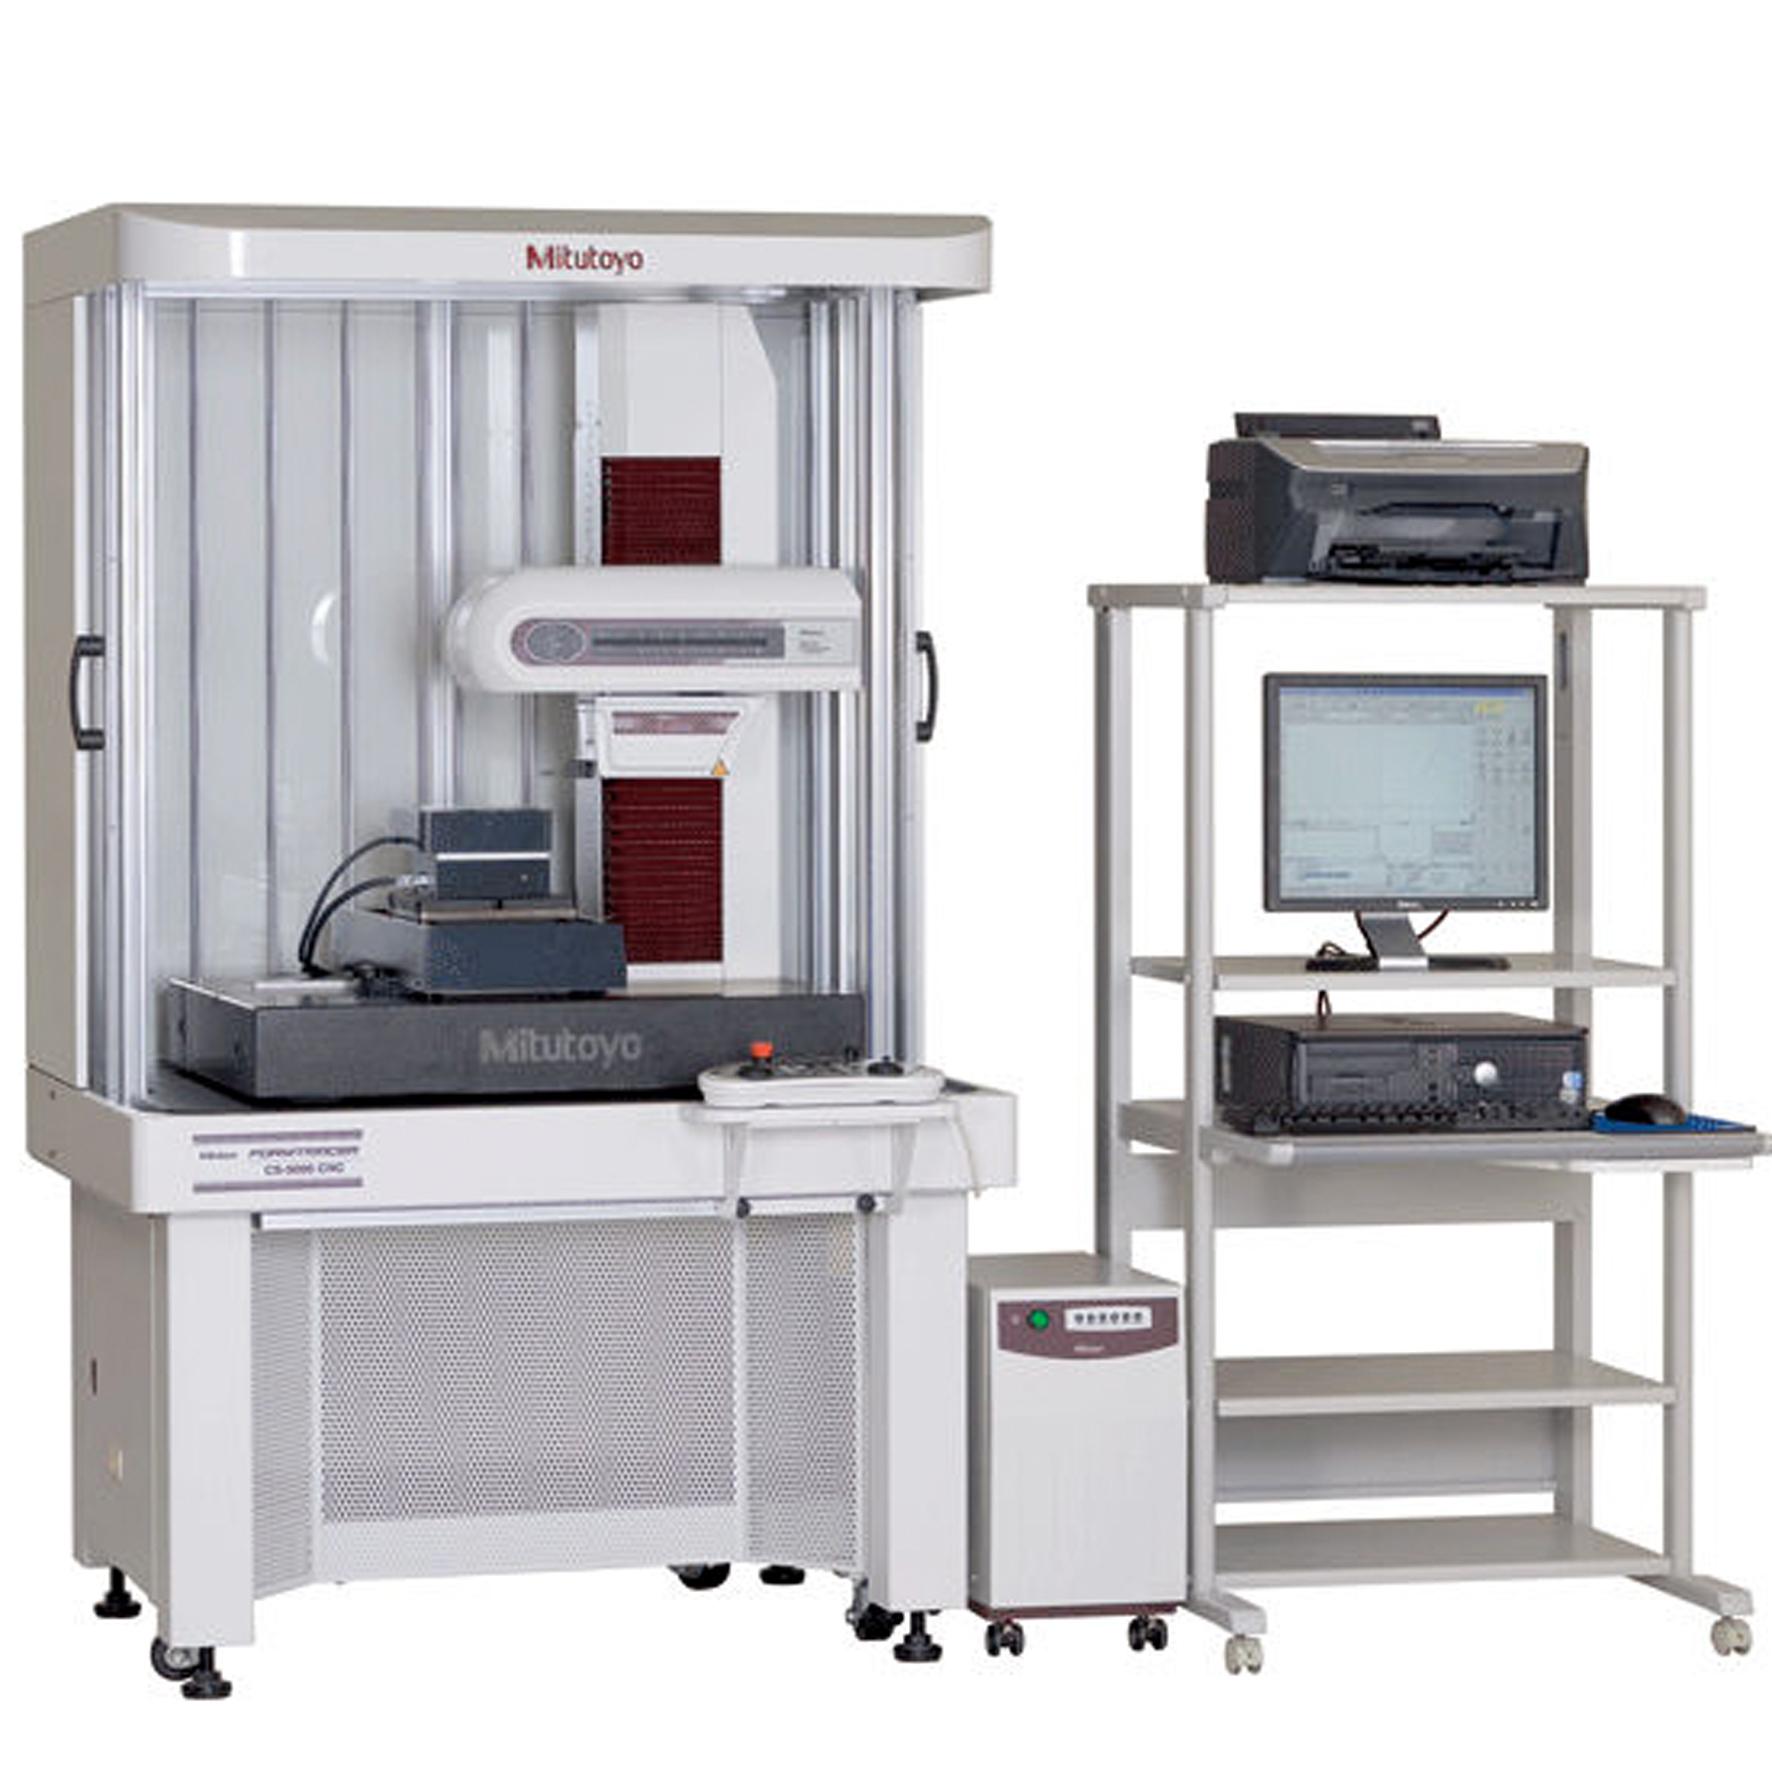 Sistema CNC de Medición de Rugosidad Superficial y de Contorno Serie 525 (SV-C30